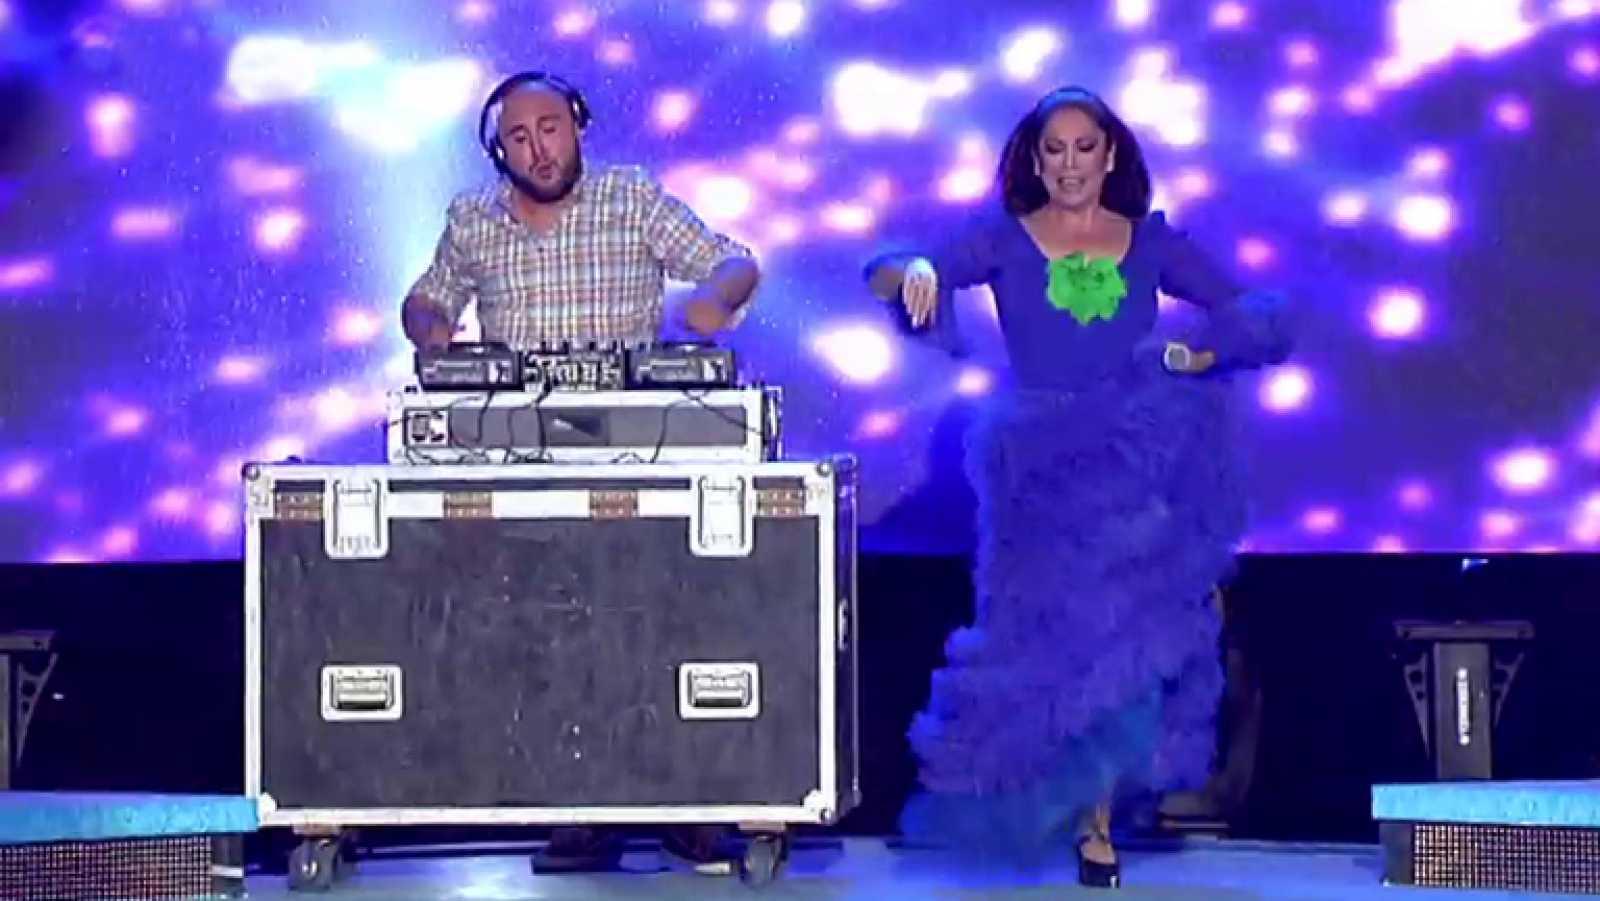 Sábado sensacional - Isabel Pantoja y Kiko Rivera cantan juntos por primera vez sobre un escenario